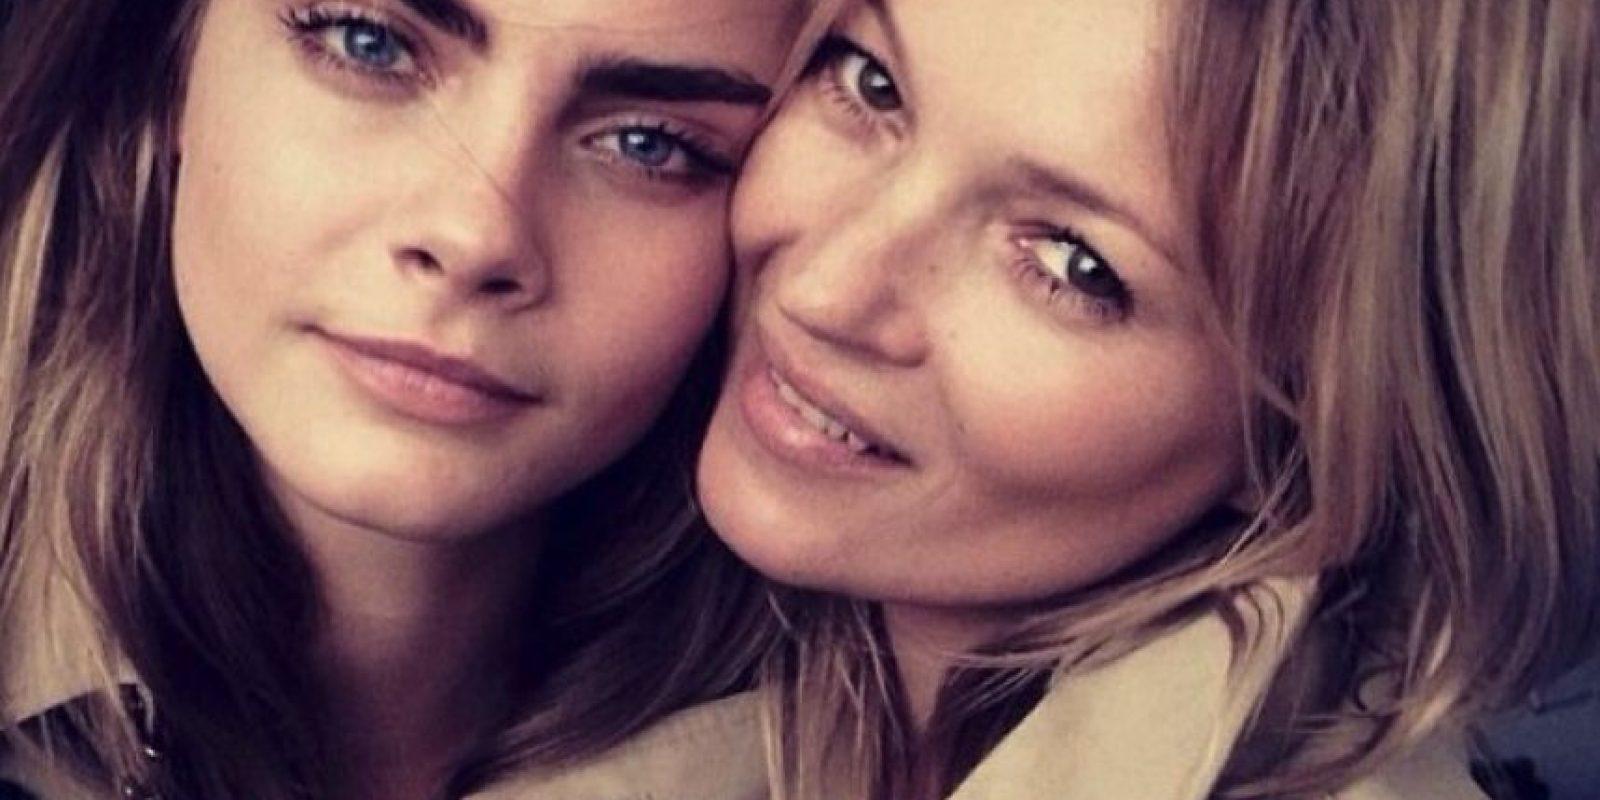 Aquí con Kate Moss Foto:Instagram. Imagen Por: